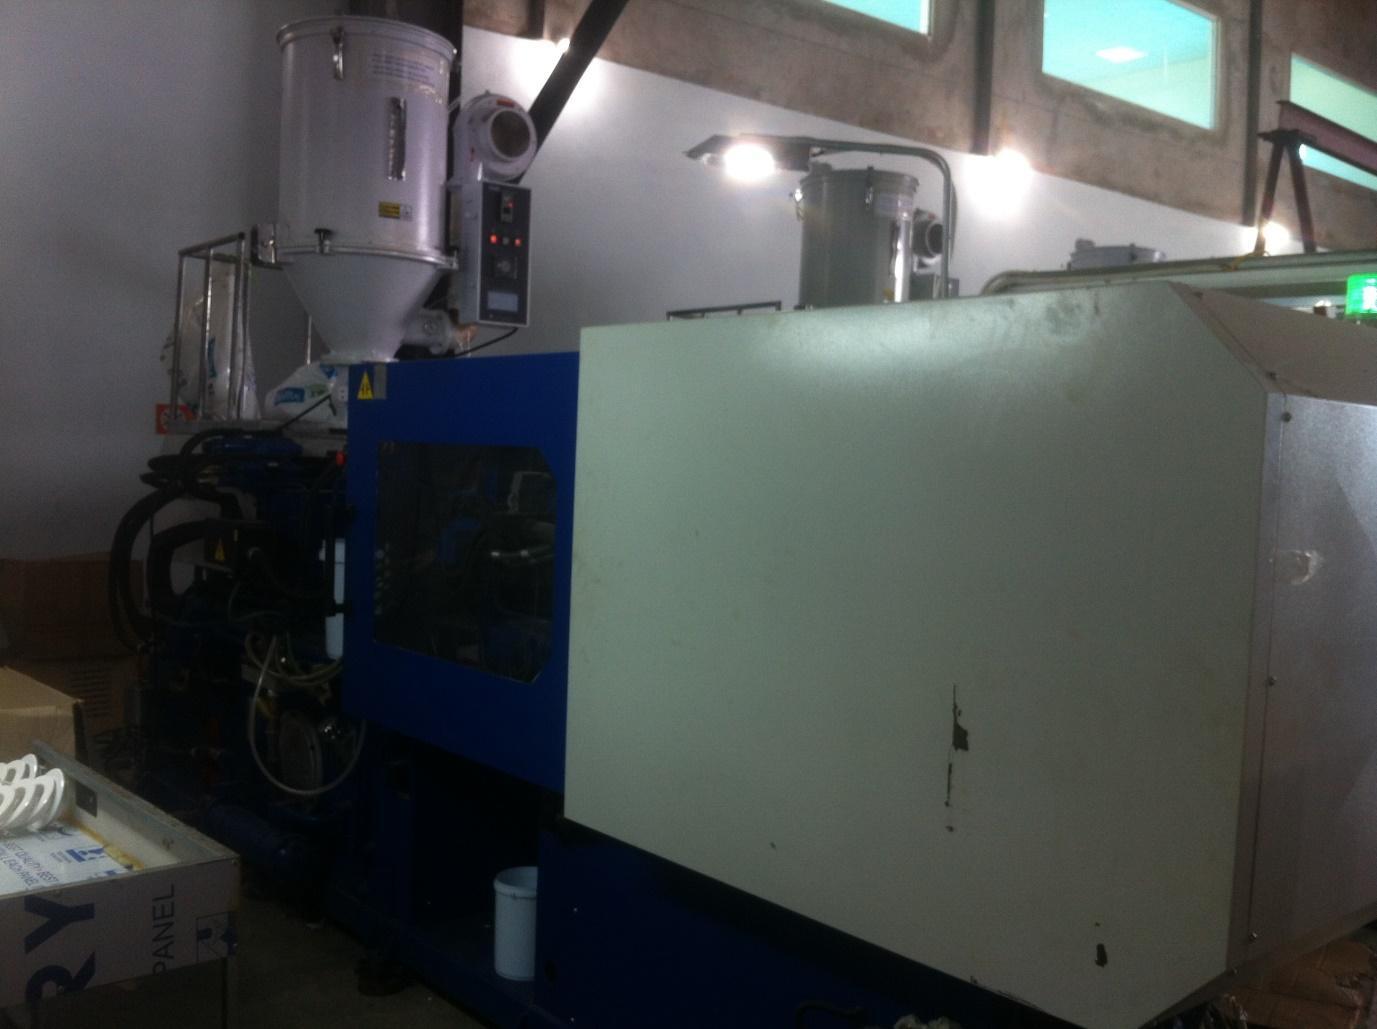 D:\Cộng tác viên\Bài ngắn\17. ĐT & PT Hoàng Phong\bán mãy sản xuất thùng nhựa\ban-may-san-xuat-thung-nhua-1.jpg